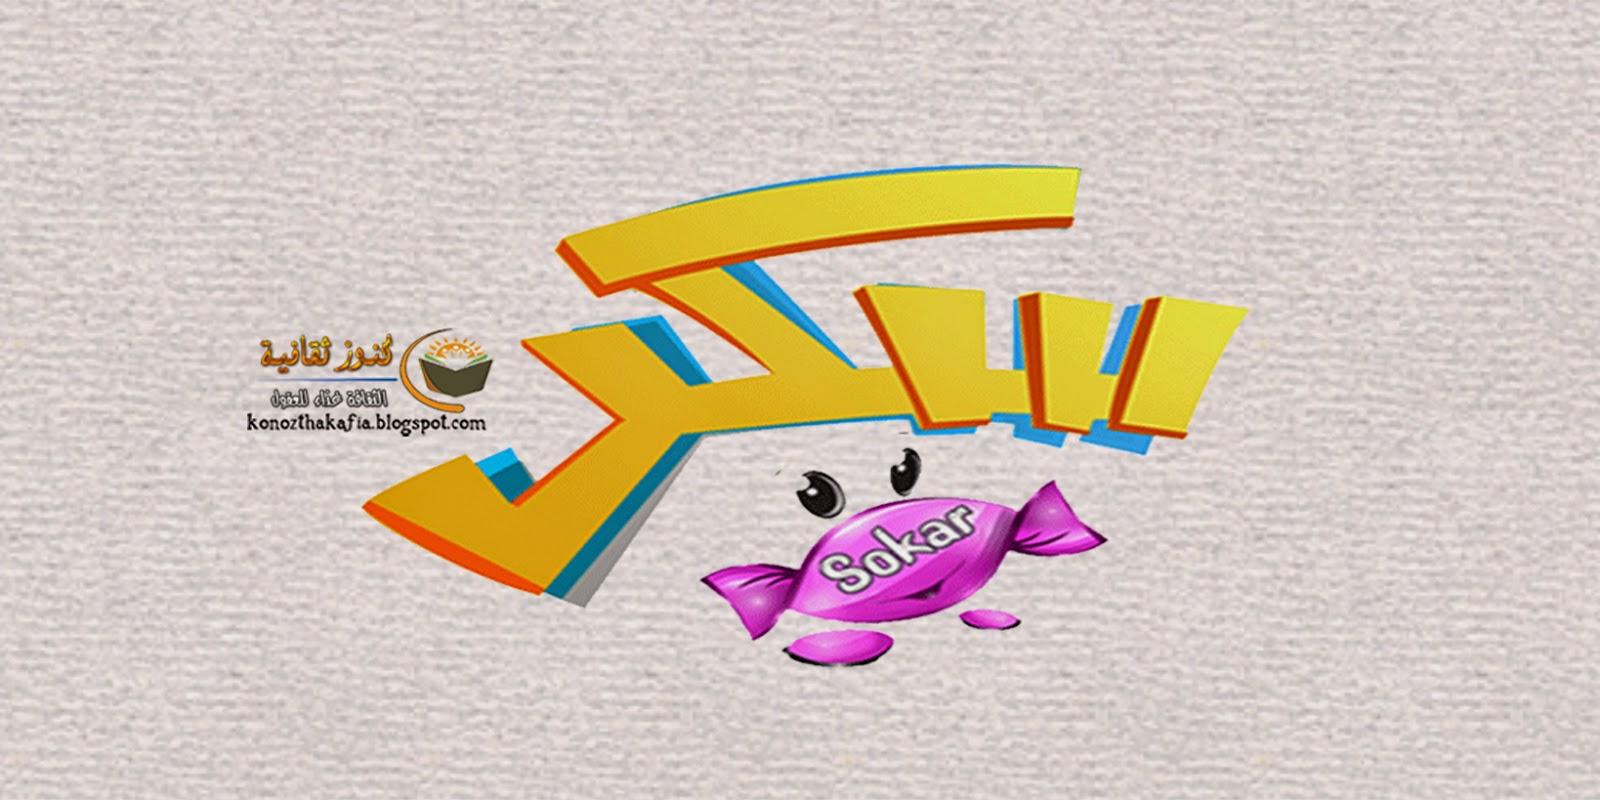 تردد قناة سكر للاطفال على النايل سات الجديد